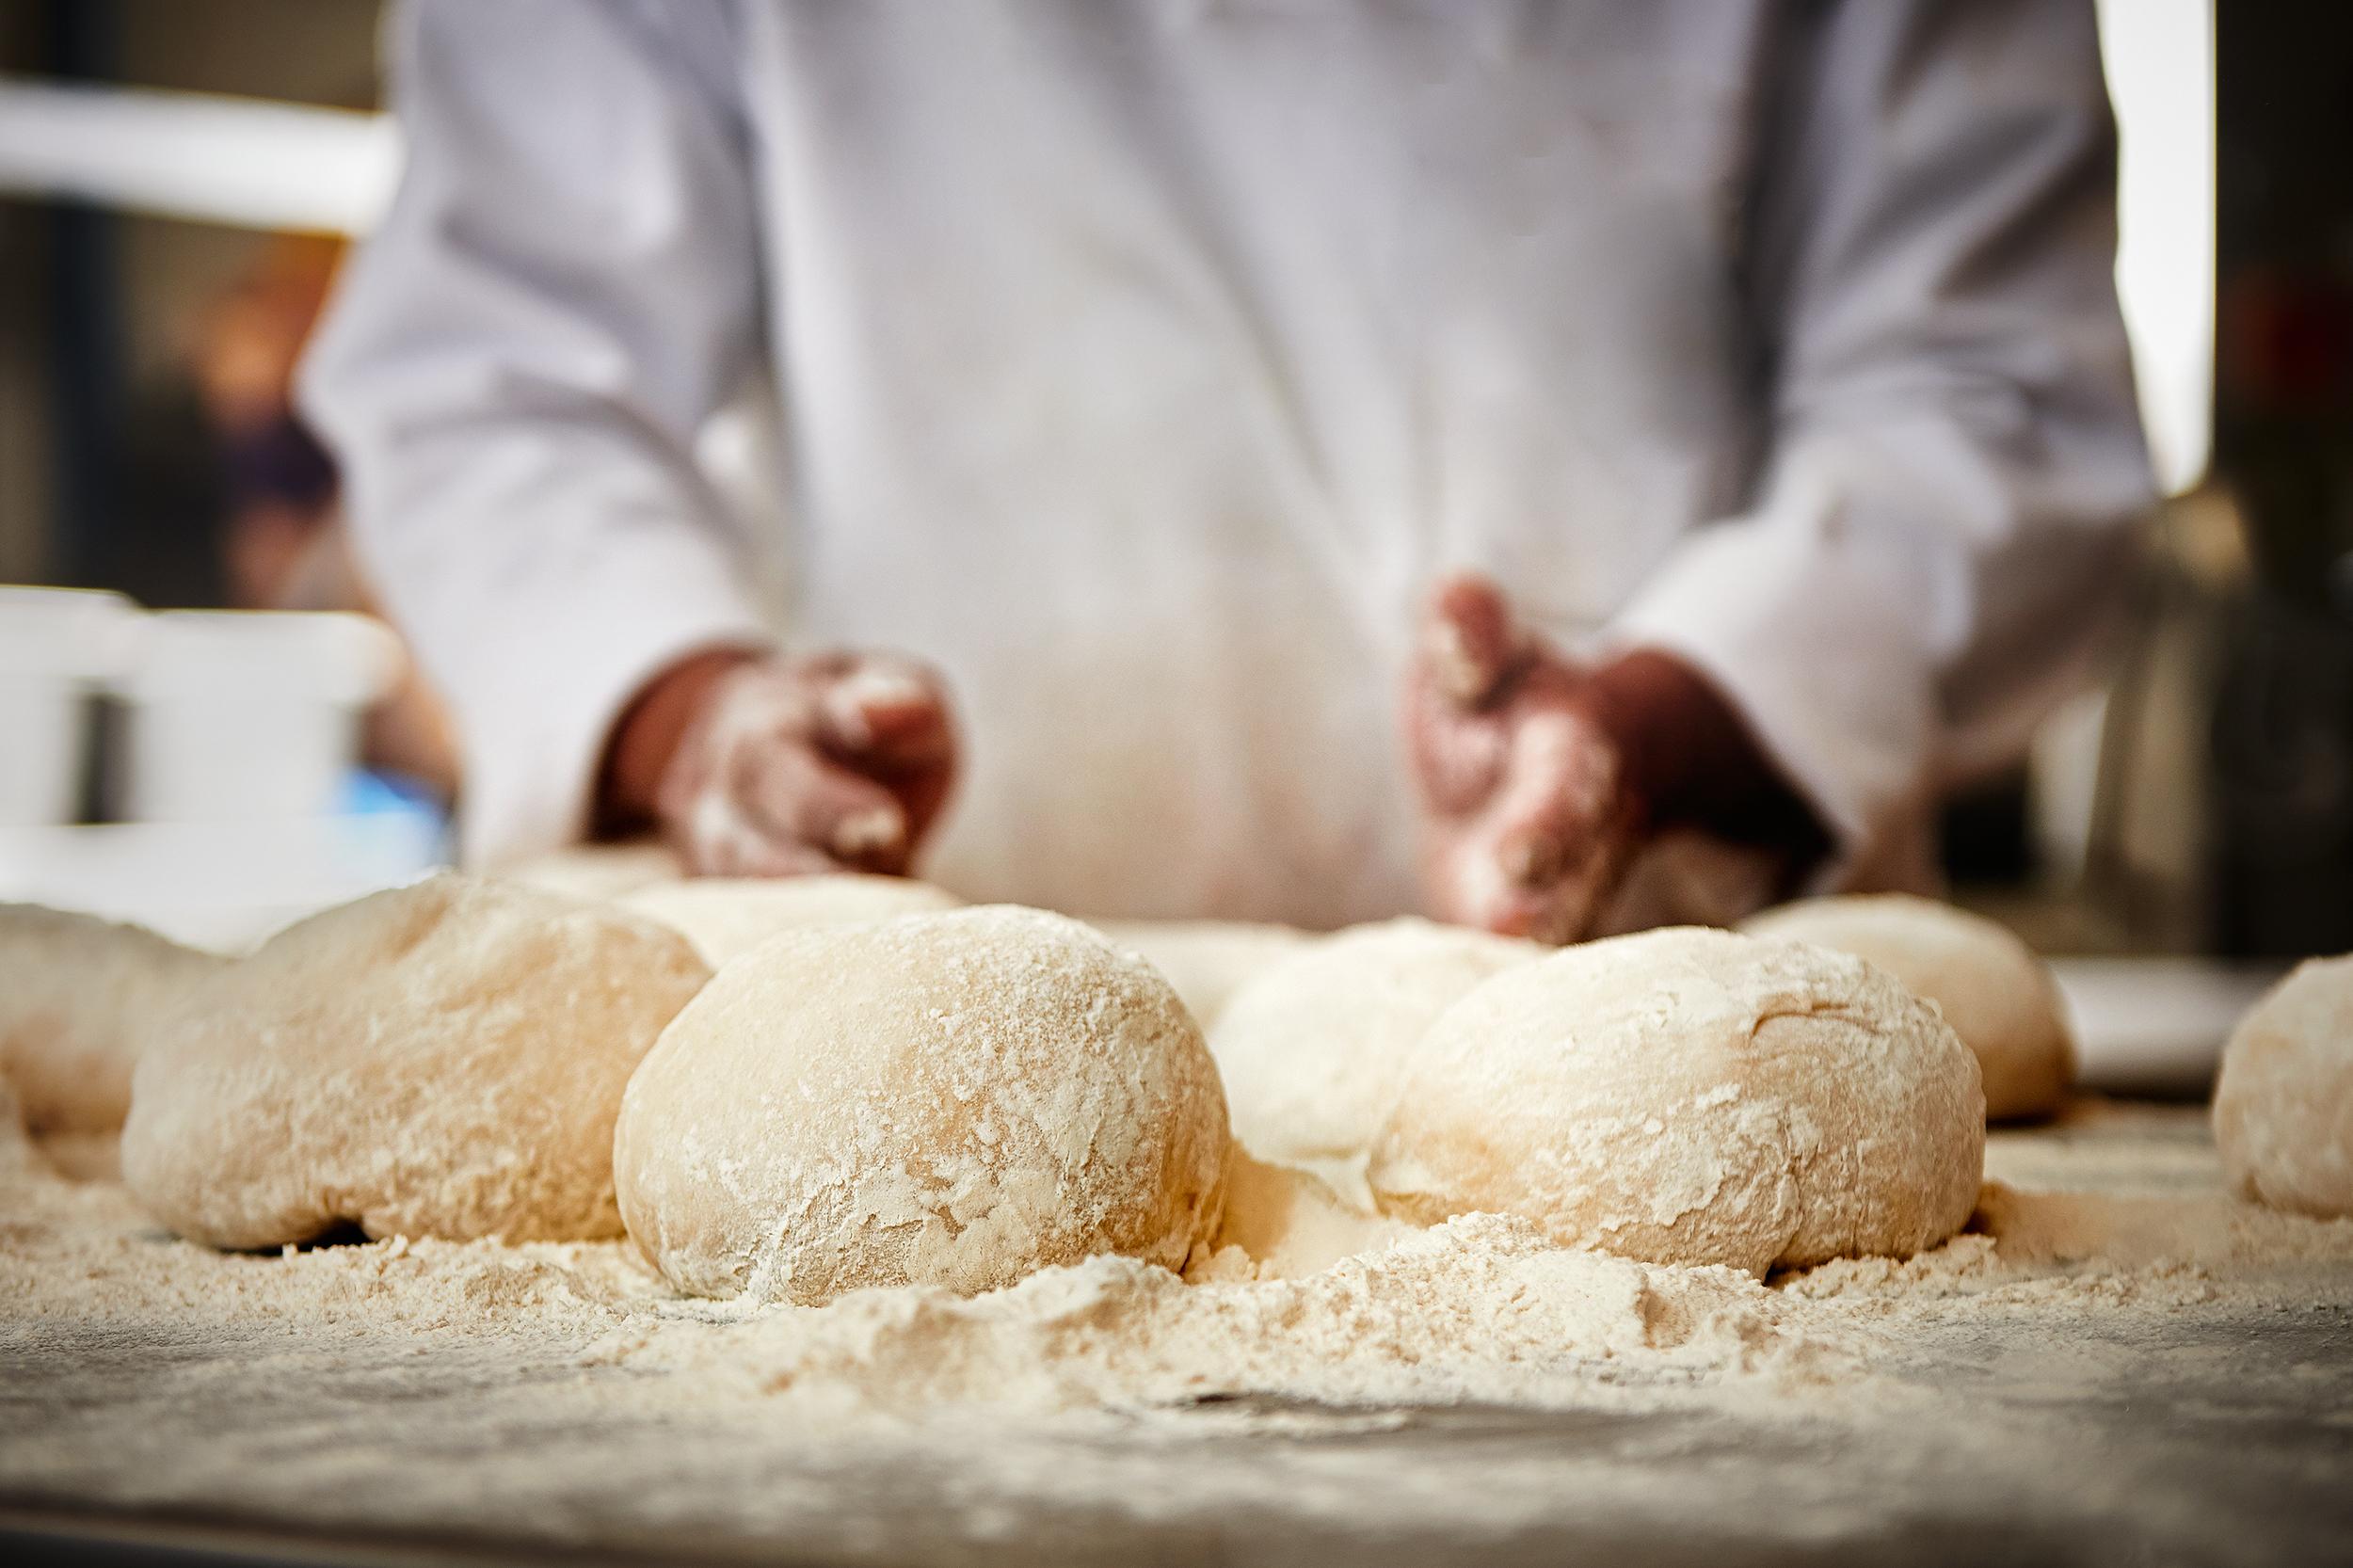 190307_byron_bread2251.jpg